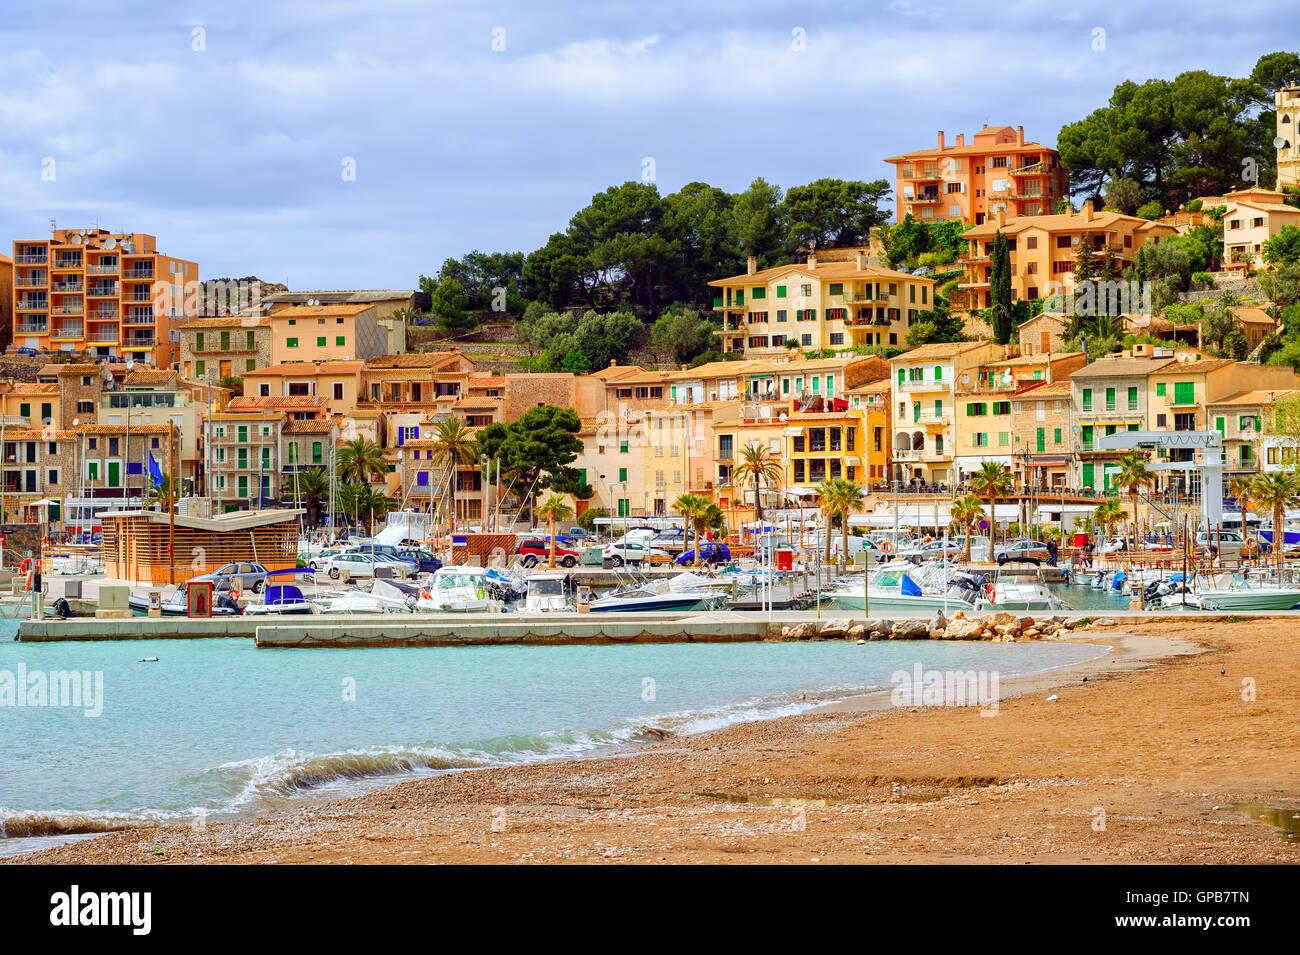 Strand am Mittelmeer in der Marina von Port Soller, Mallorca, Spanien Stockbild